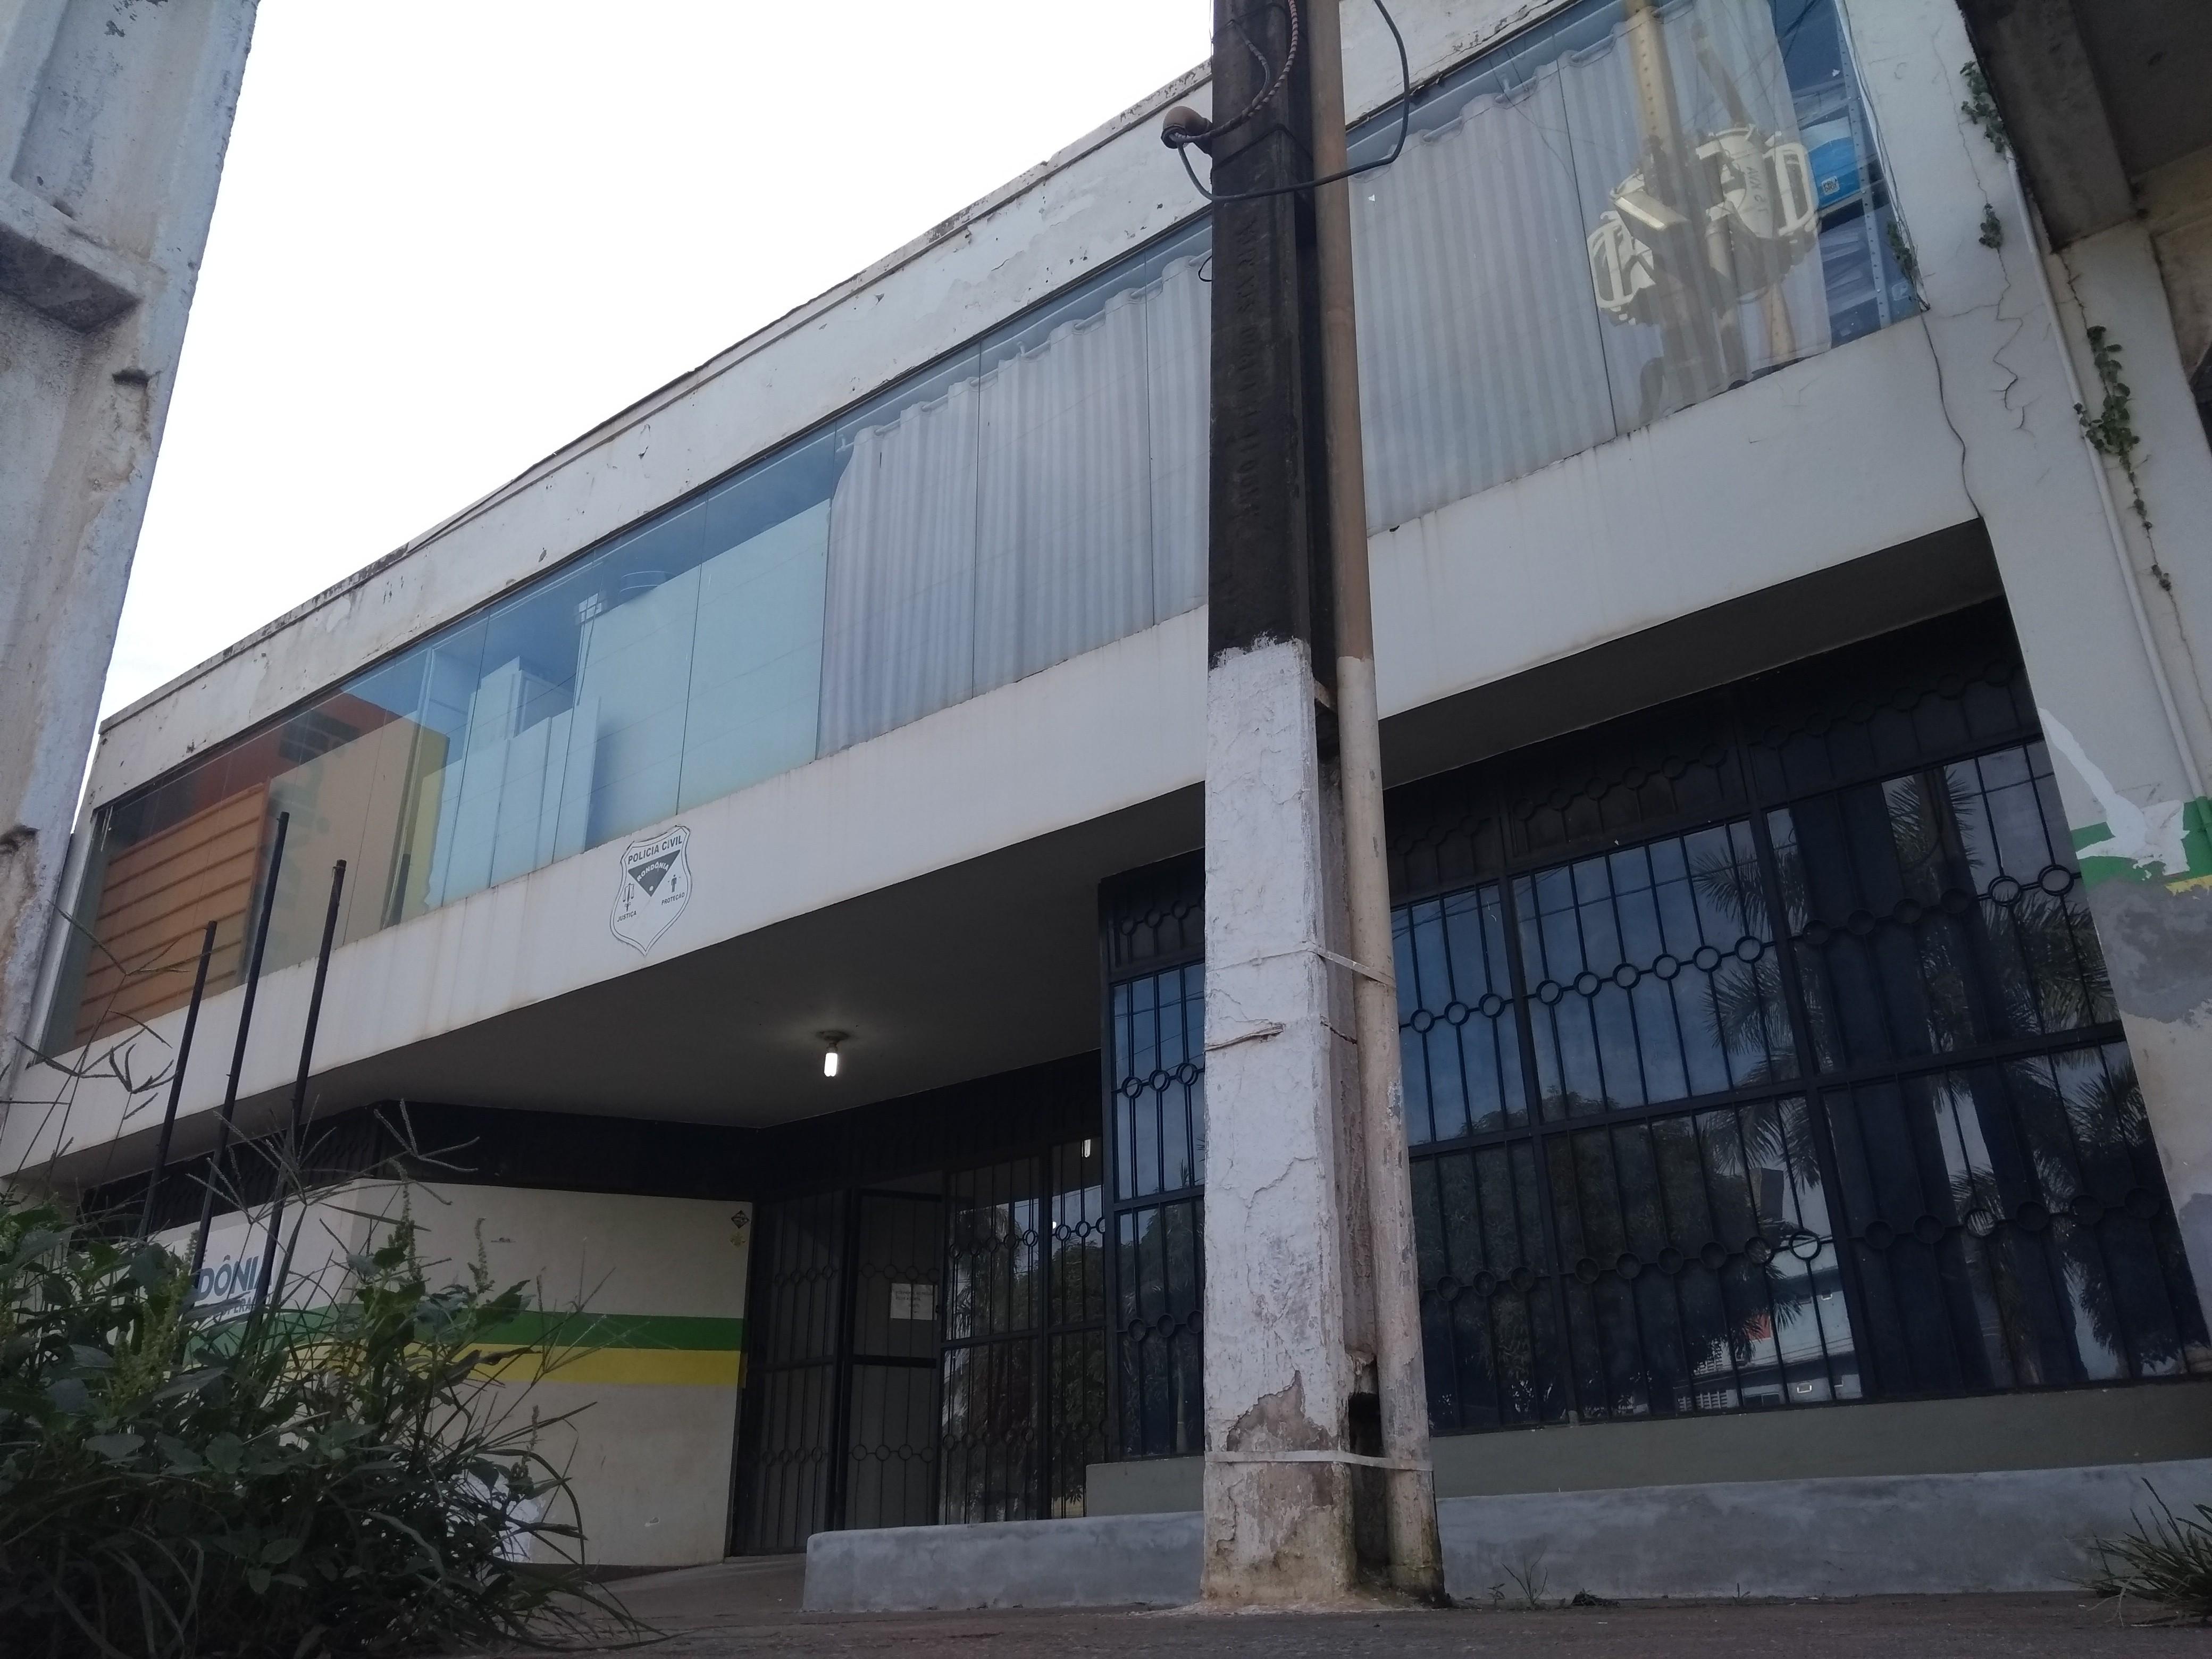 Mãe é presa após confessar ter estuprado a filha de 3 anos em Porto Velho